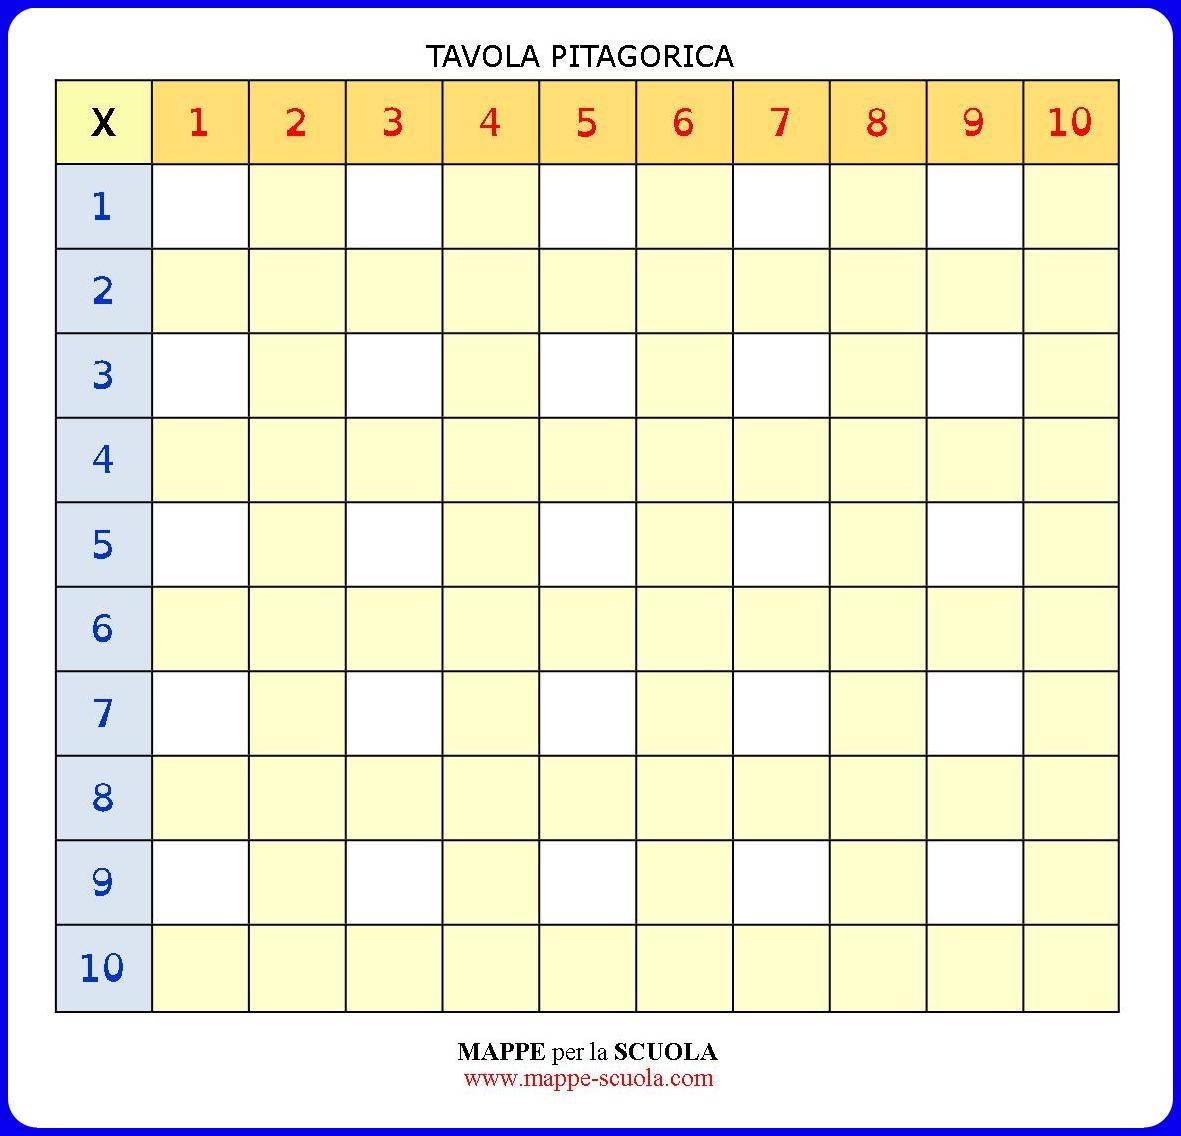 gioco tavola pitagorica da